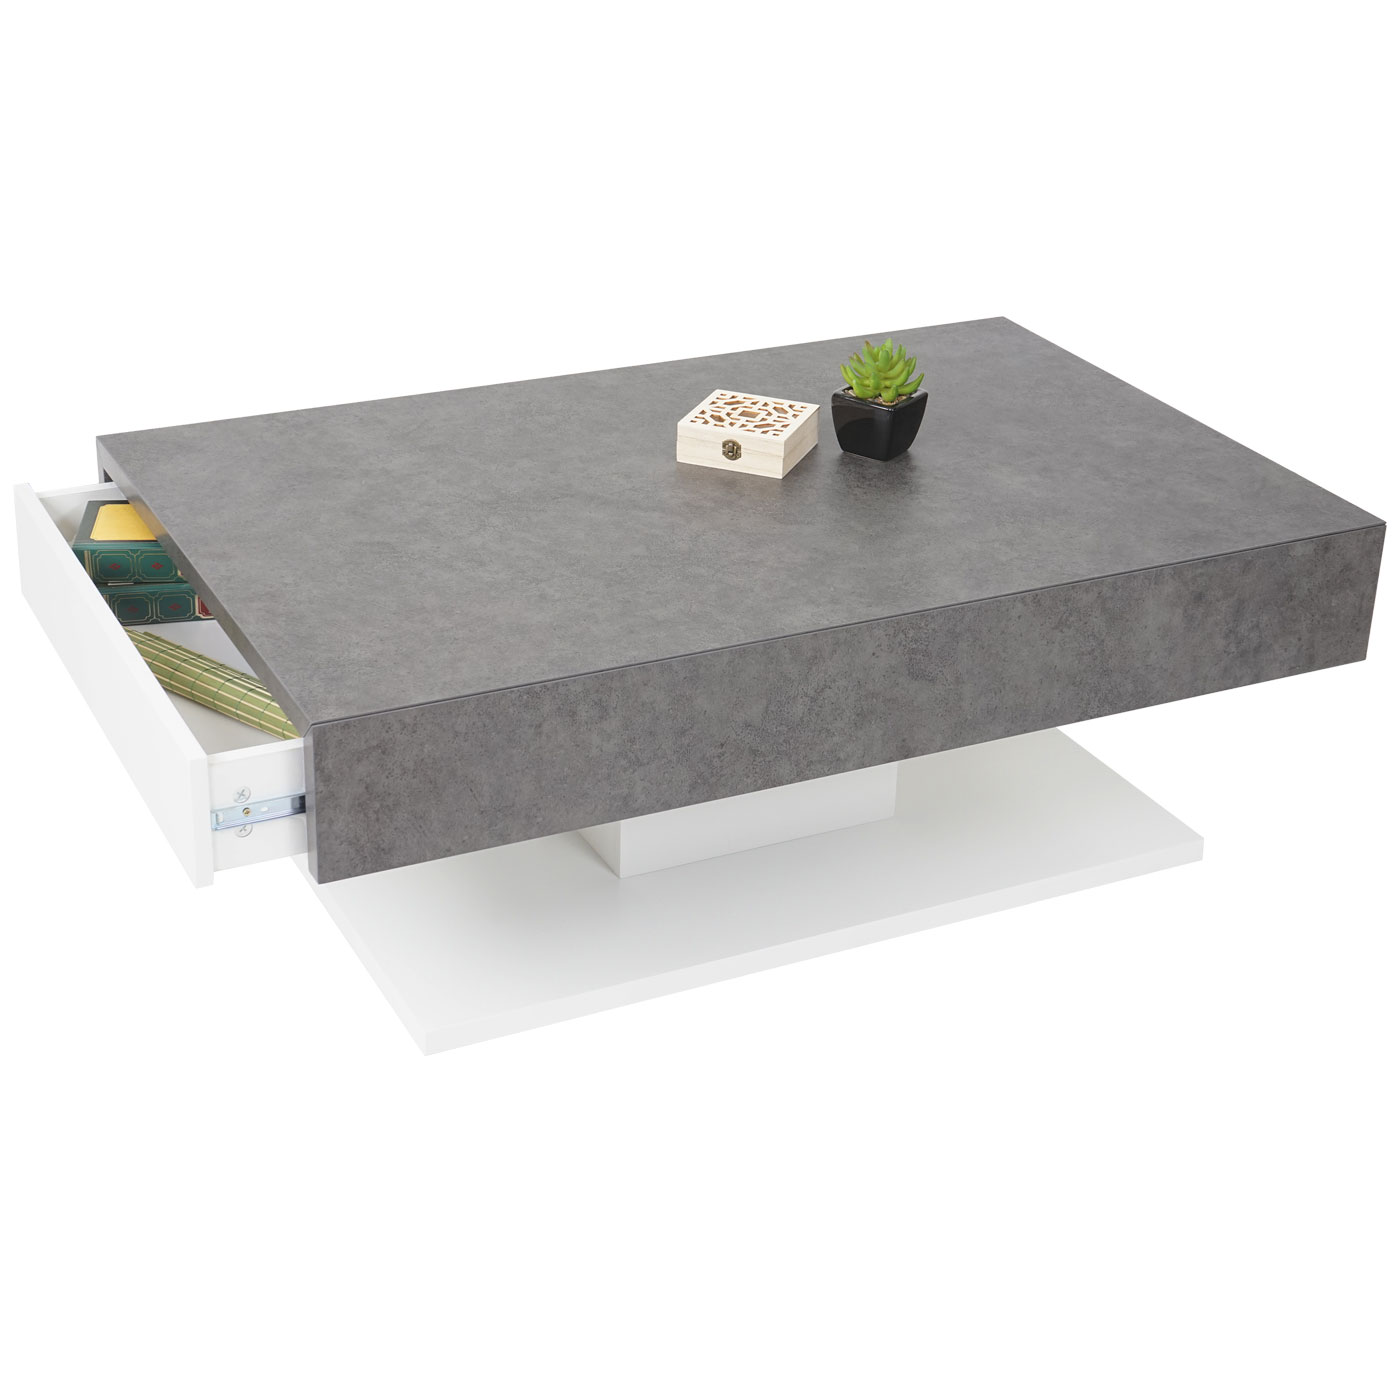 MCA Couchtisch Wohnzimmertisch BetonOptik mit Schubladen